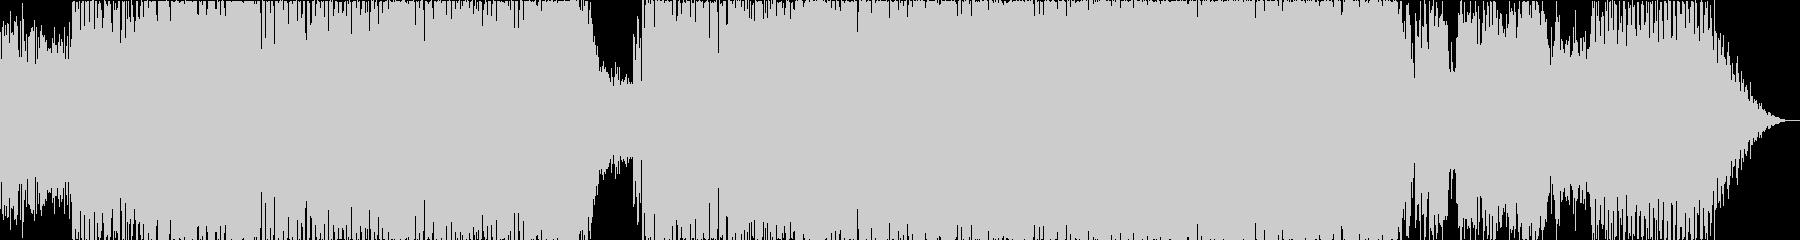 ノリノリが止まらないダンスミュージックの未再生の波形